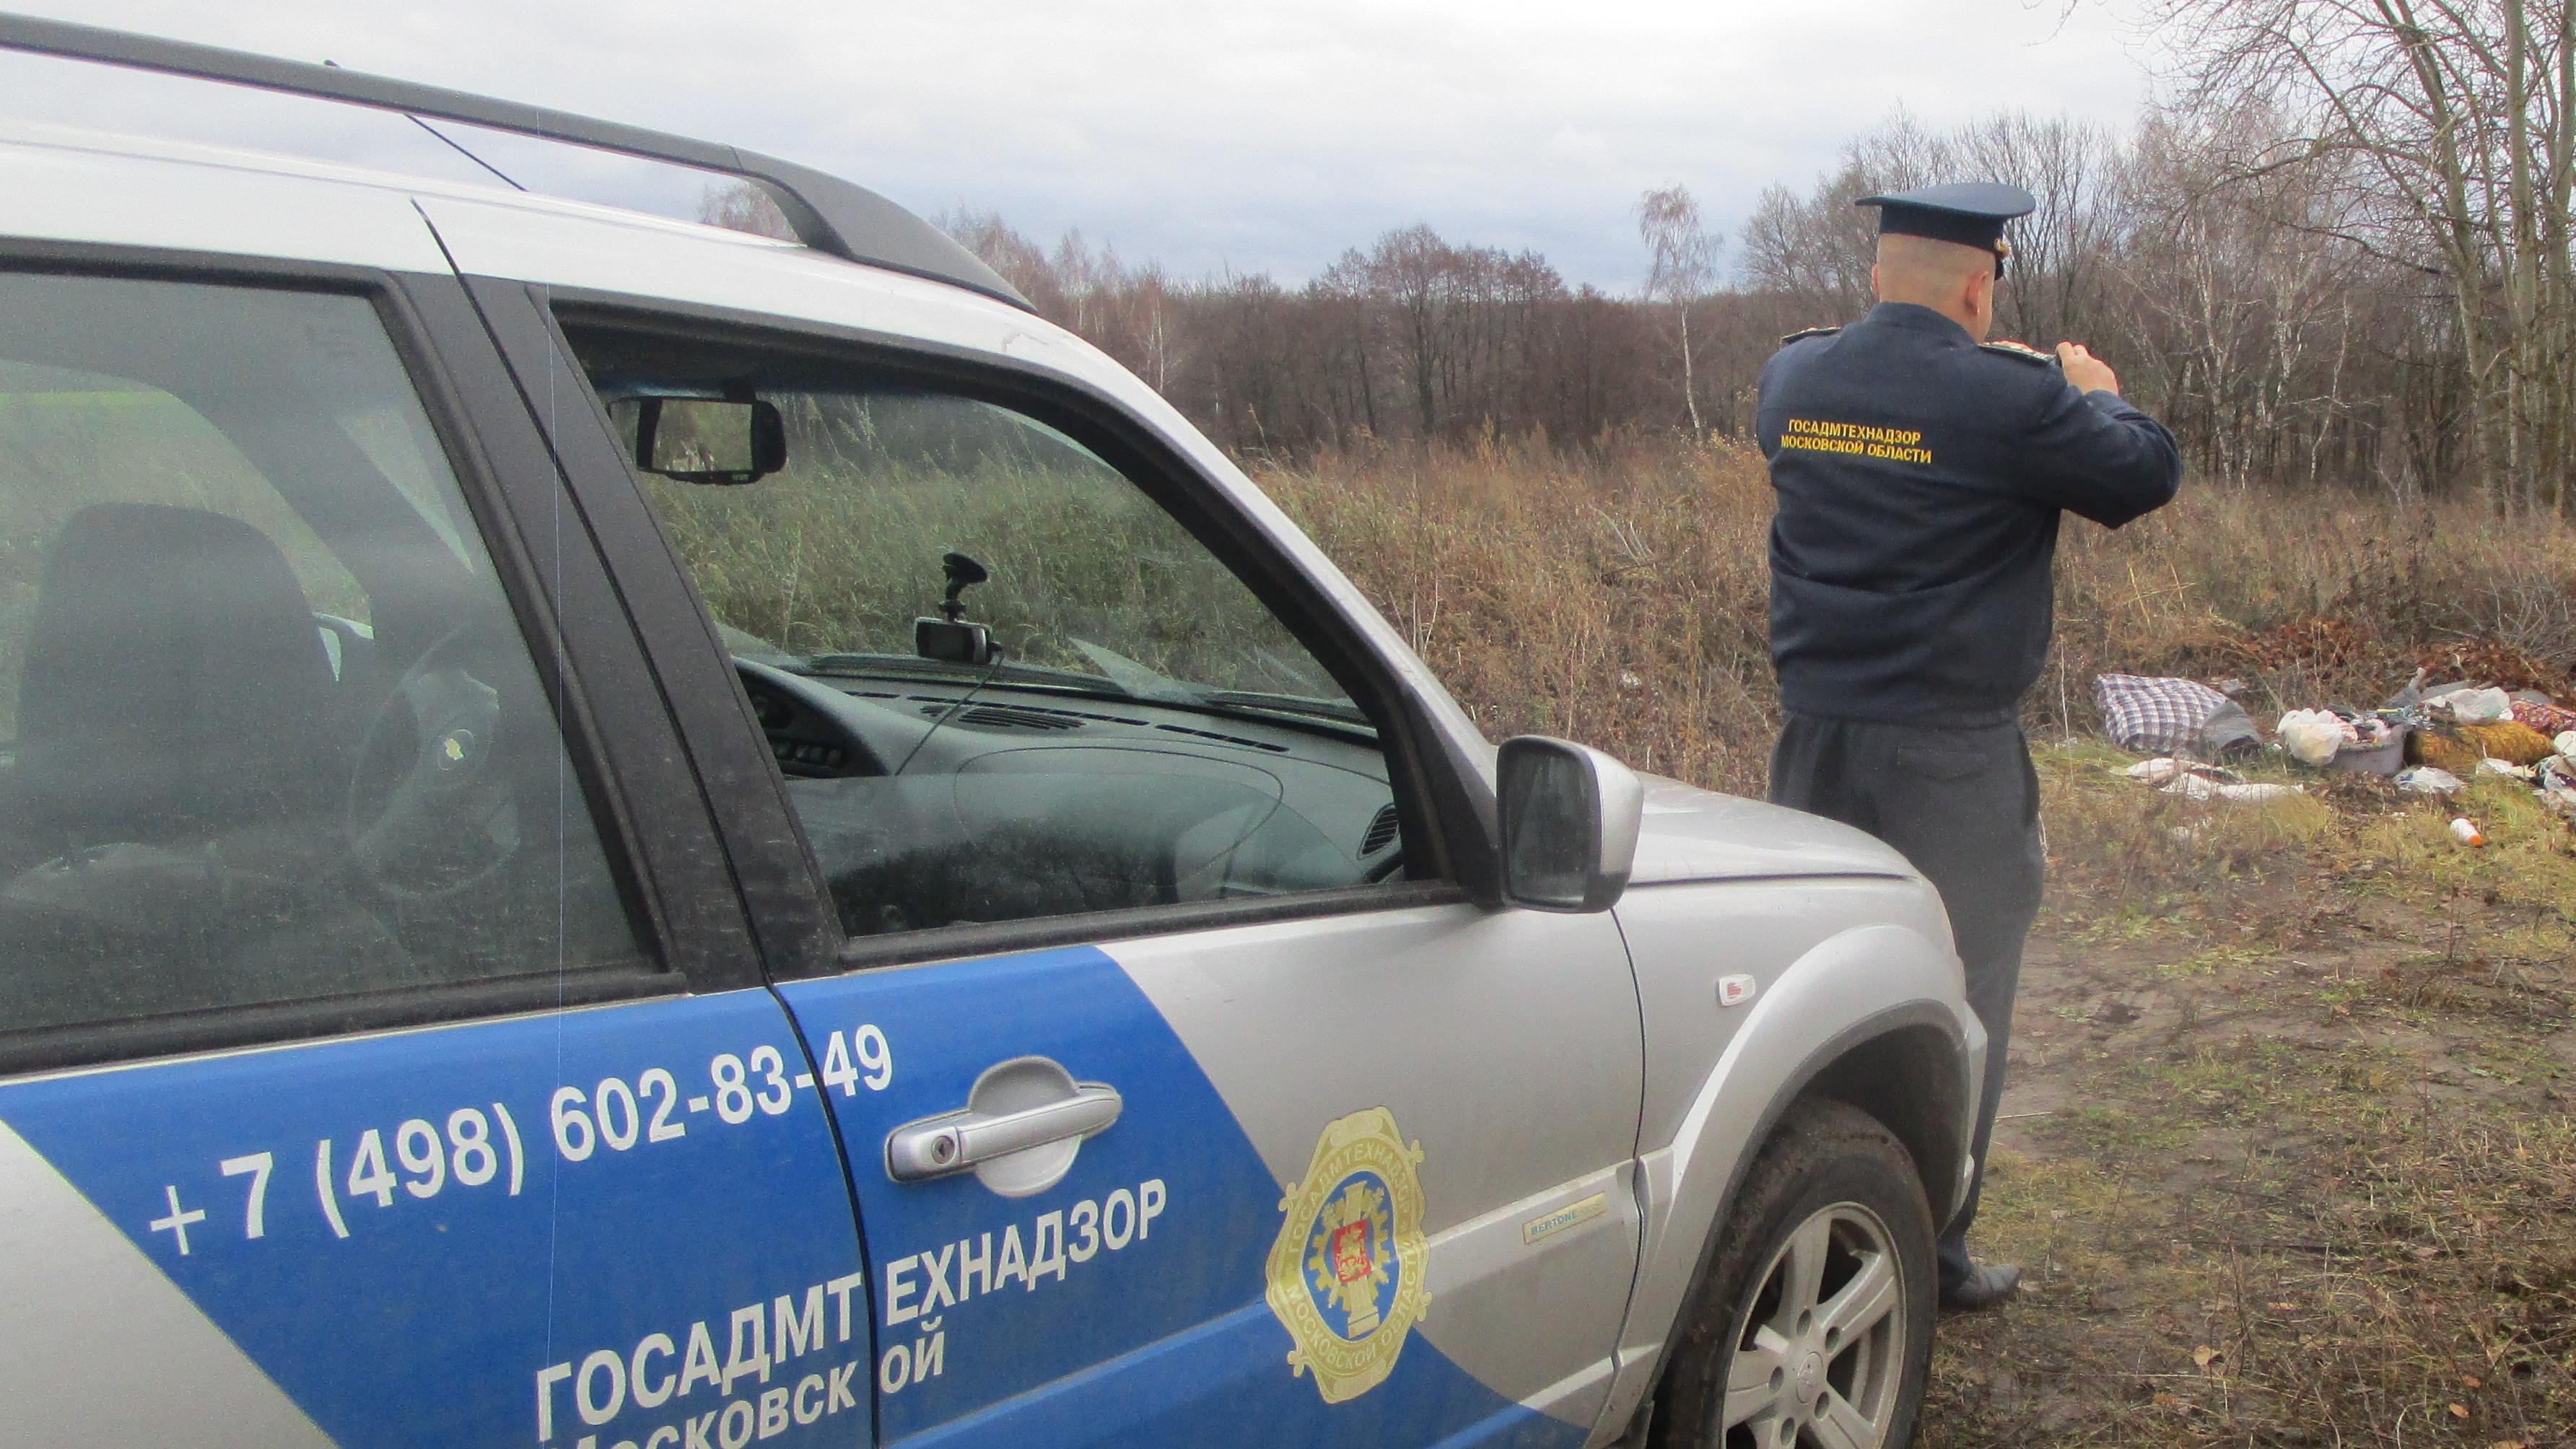 Свыше 700 незаконных свалок ликвидировали в Подмосковье в 2020 году